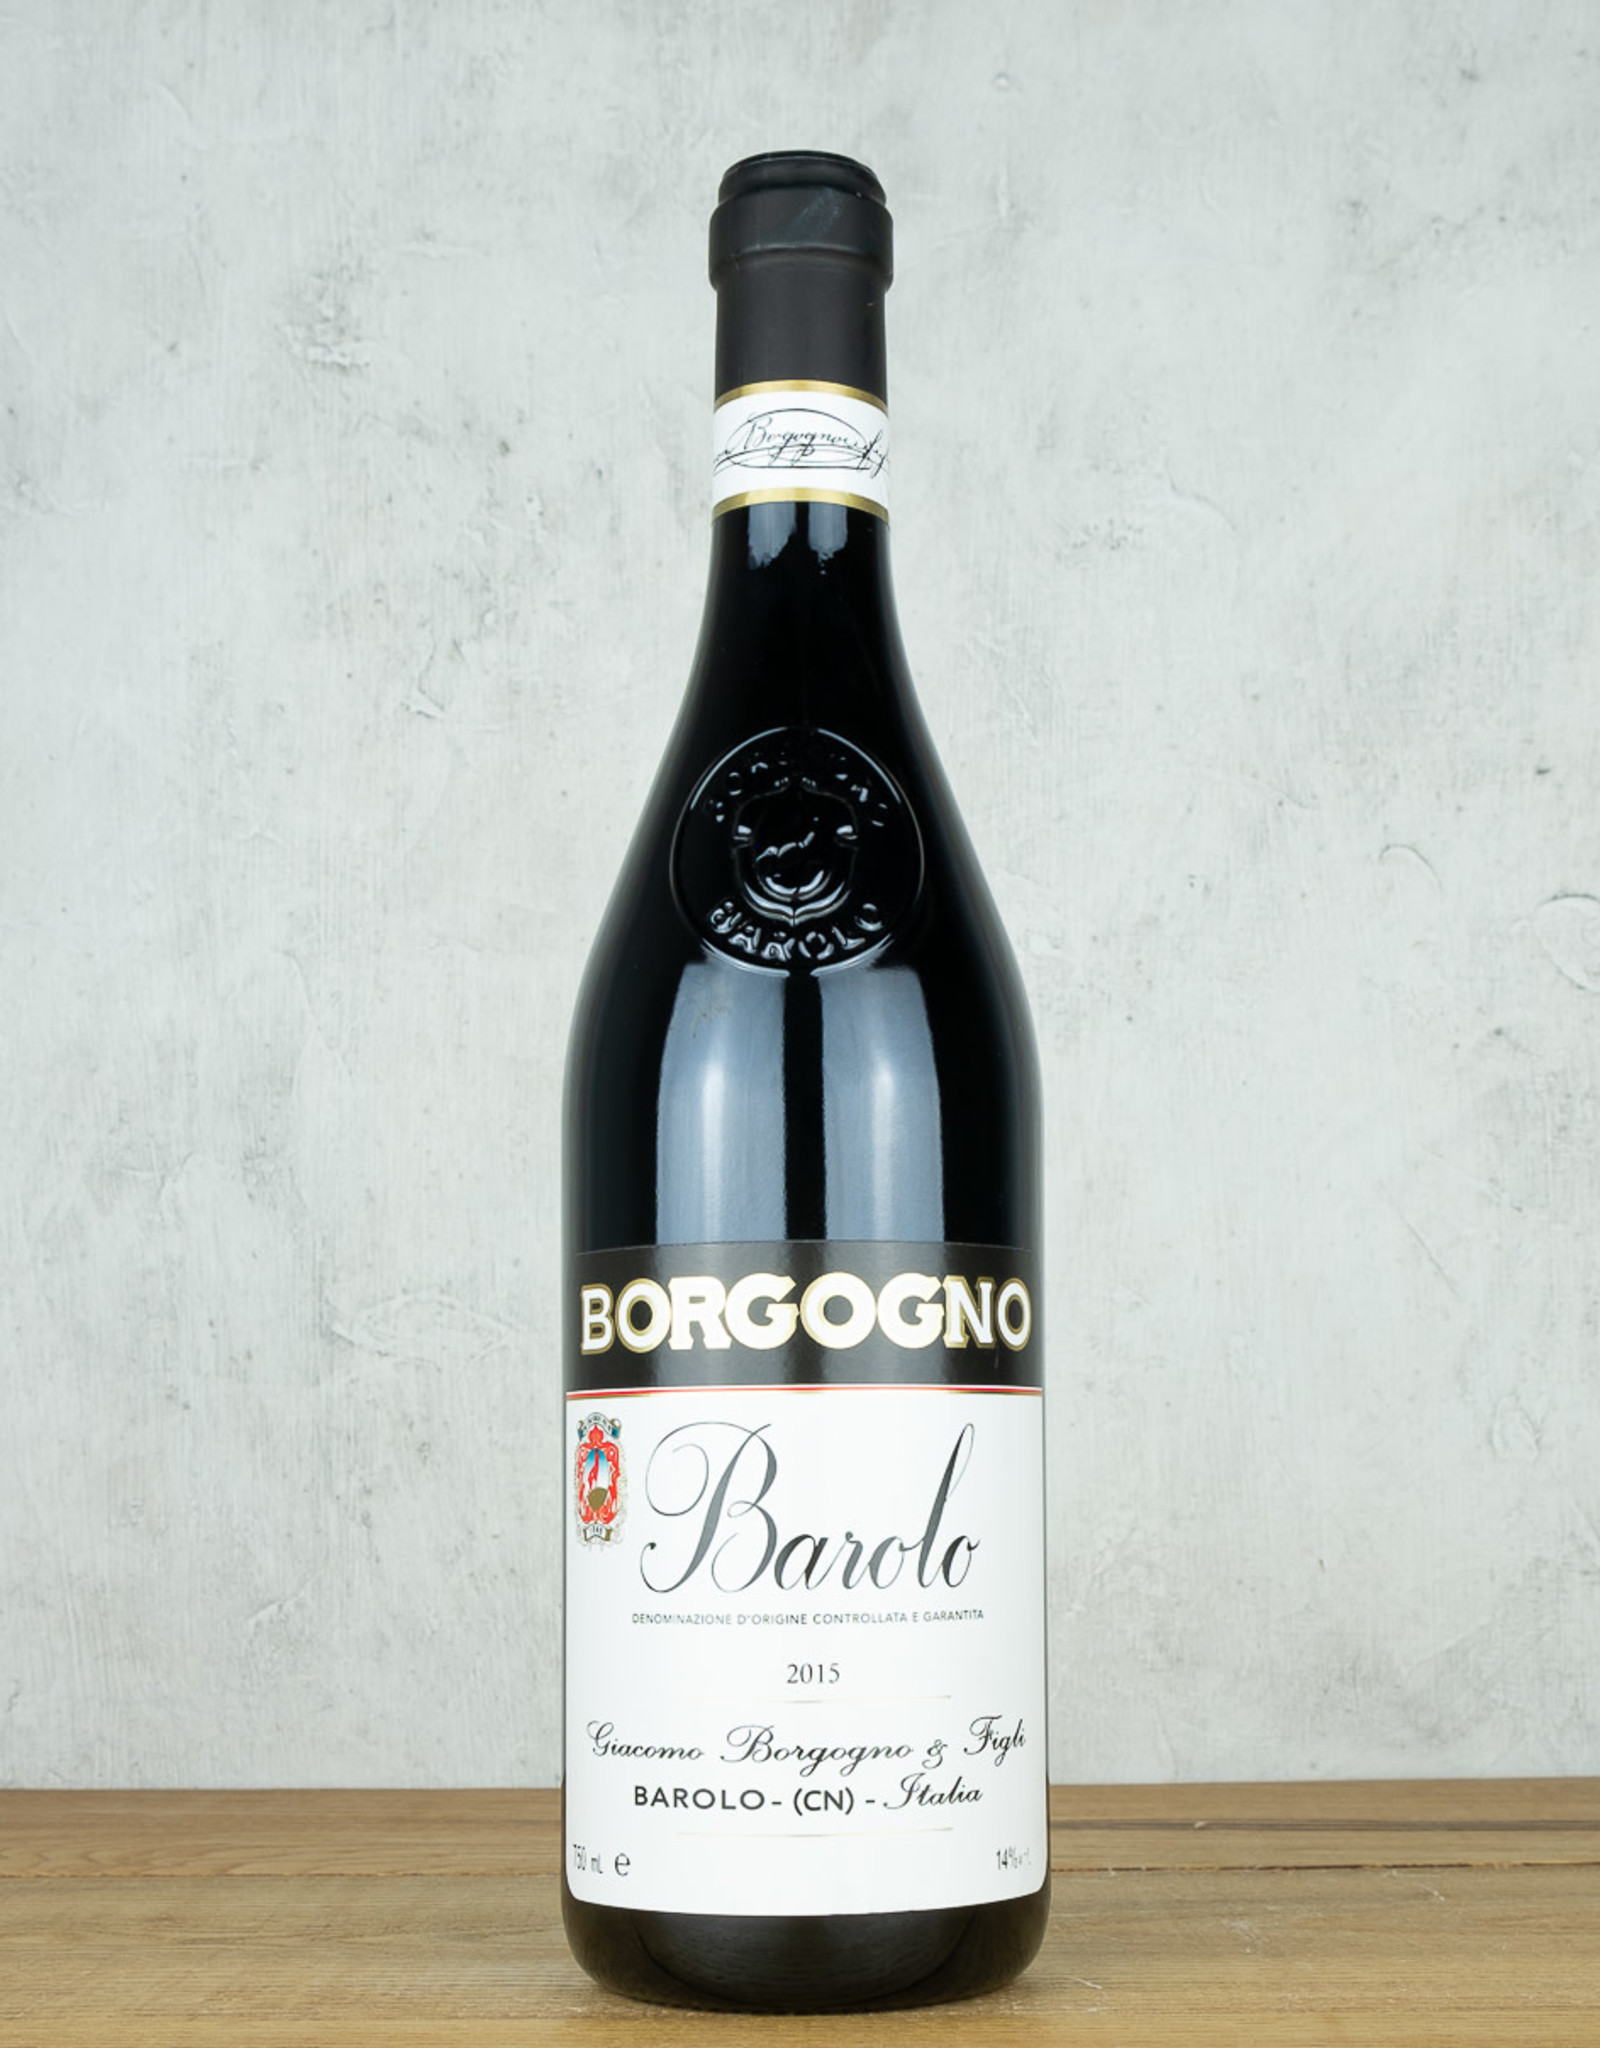 Borgogno Barolo 2015